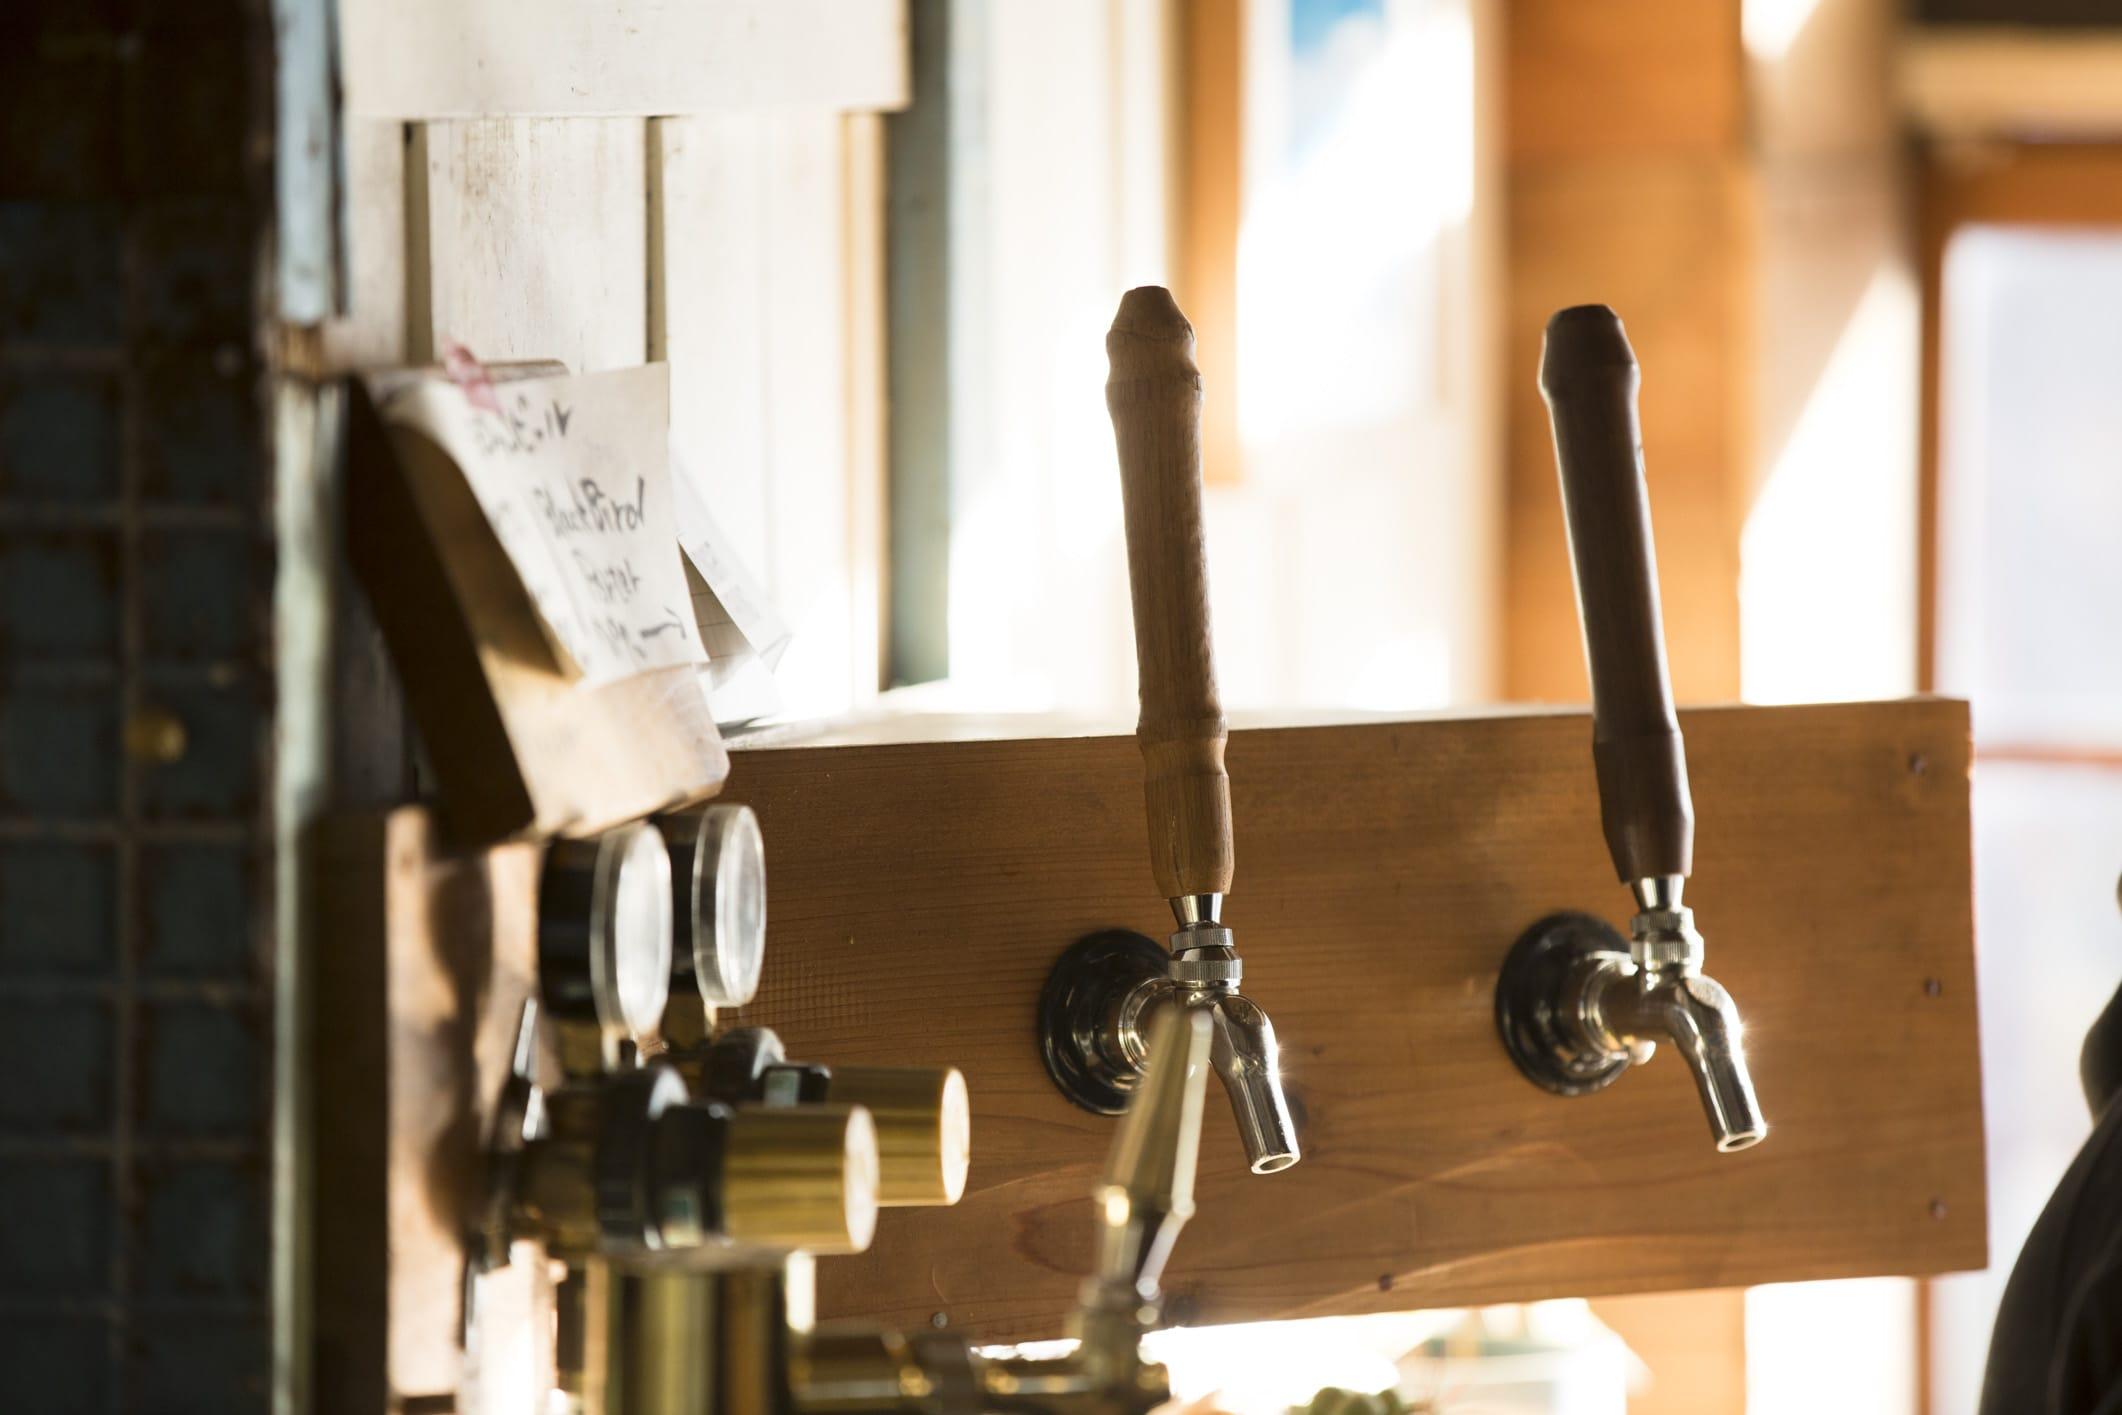 逗子の小さなビール醸造所「ヨロッコビール」の手作りサーバー。